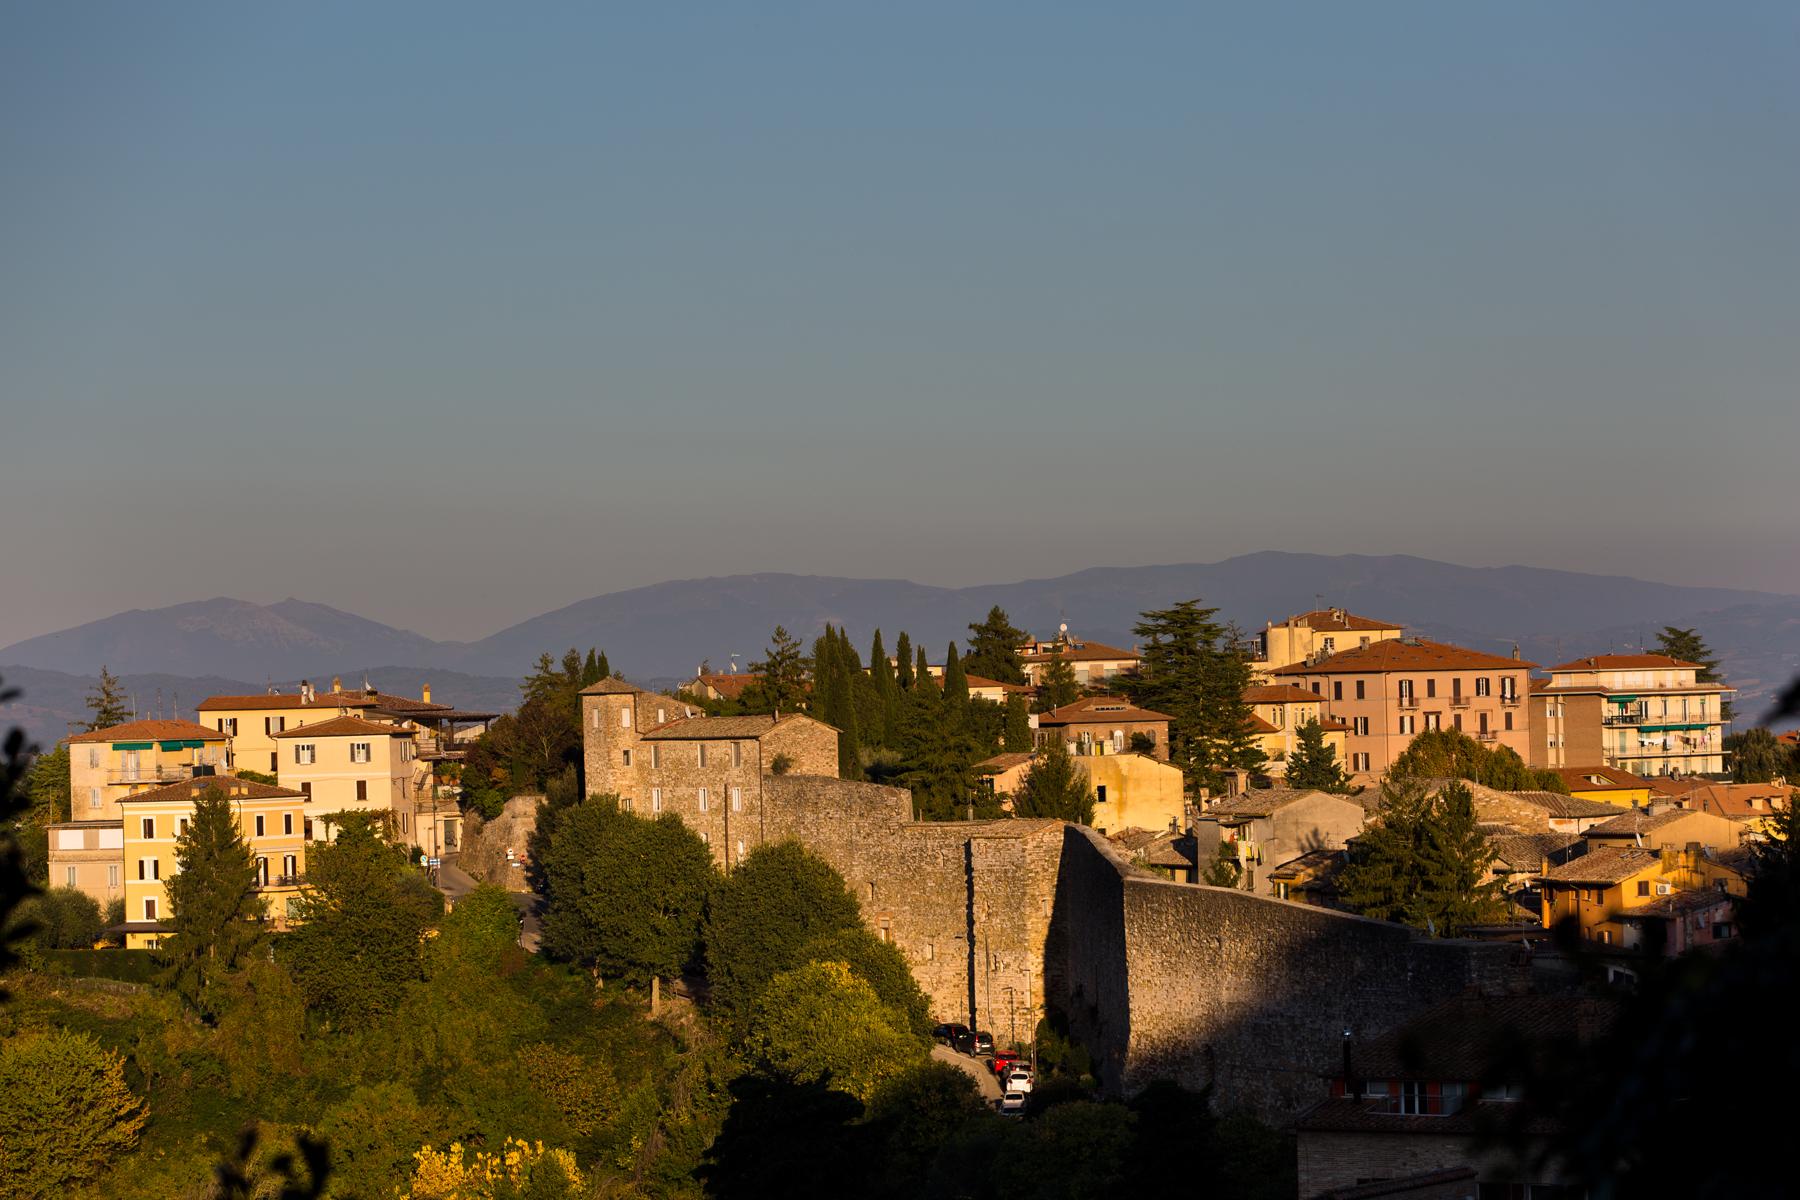 Perugia im Abendlicht